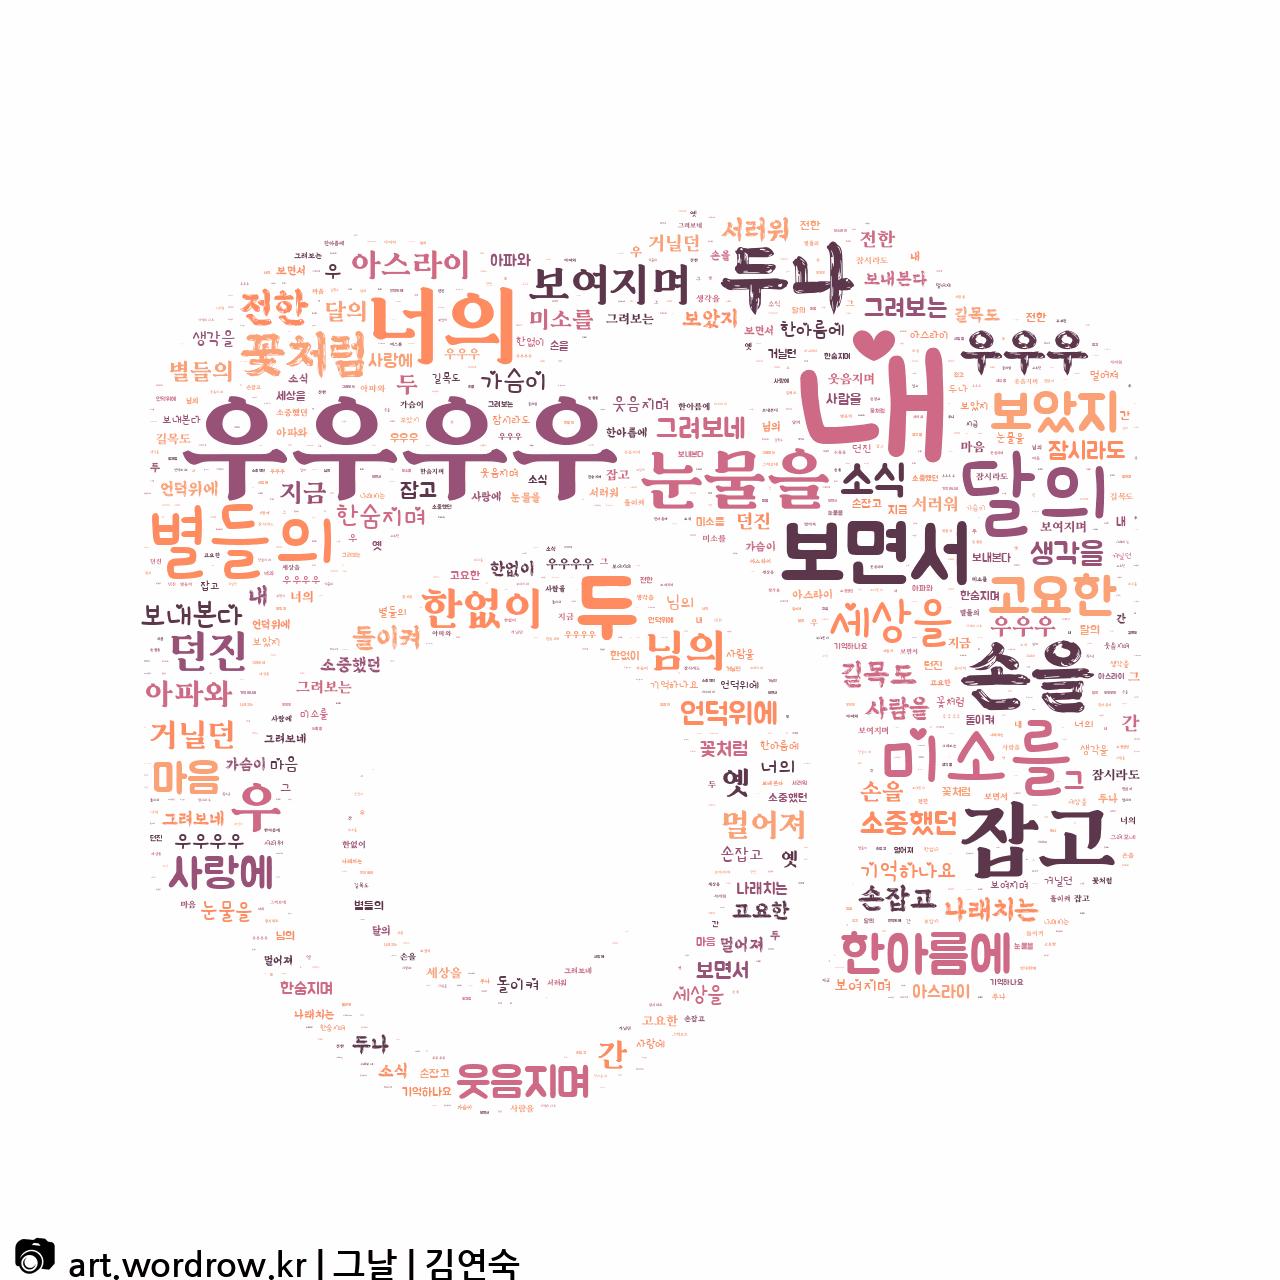 워드 아트: 그날 [김연숙]-76